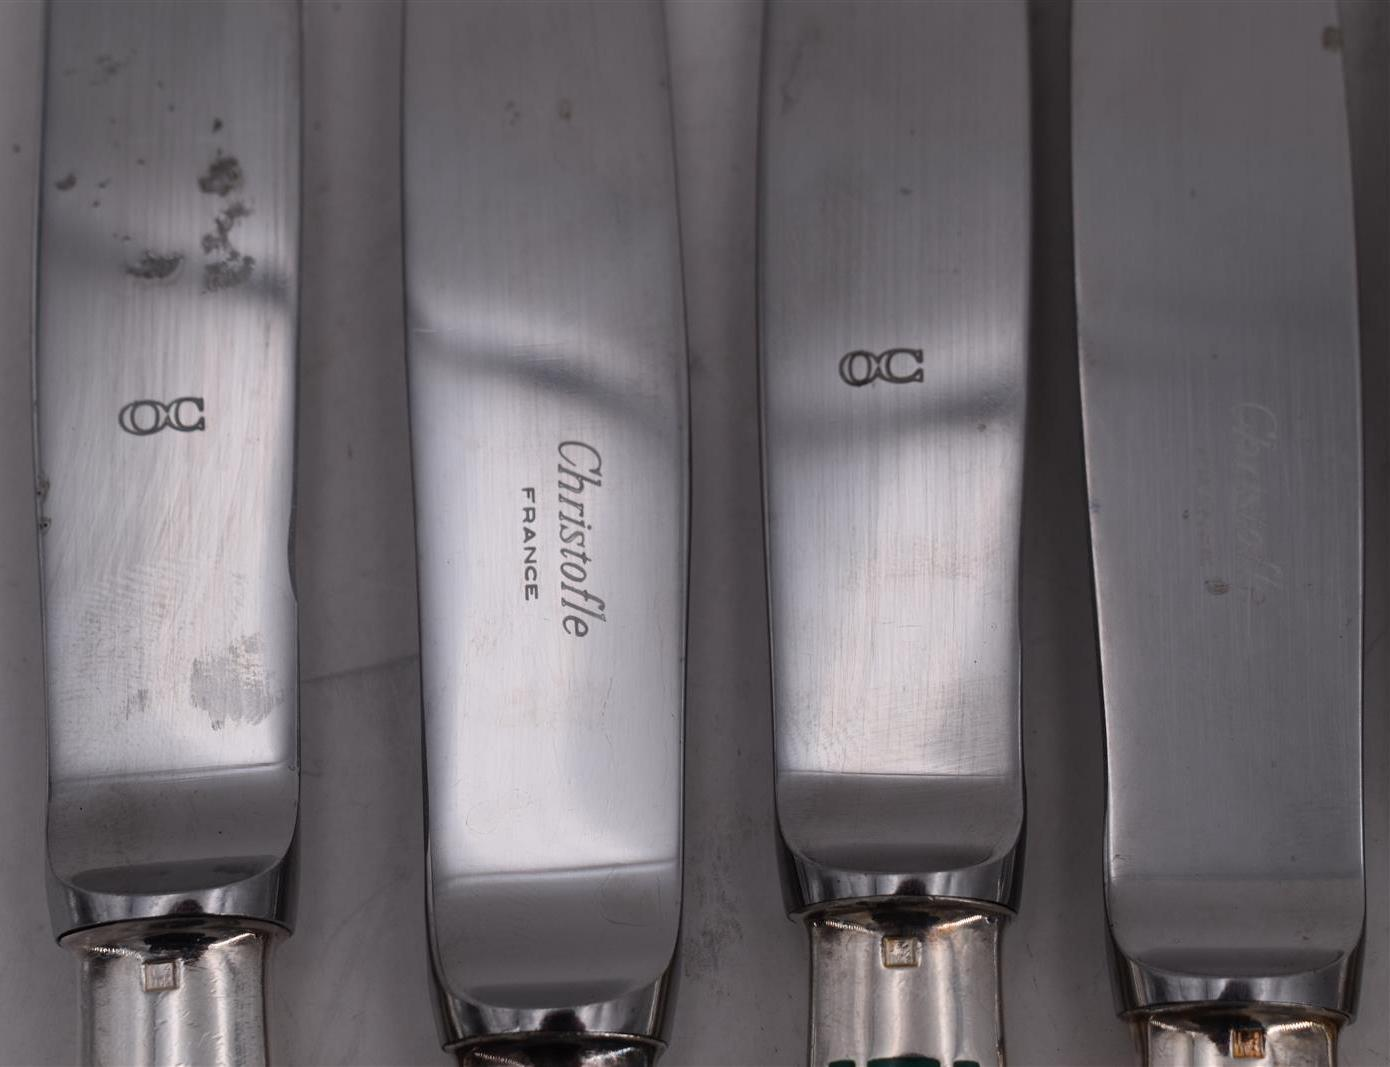 Lot 132 - CHRISTOFLE 12 couteaux en métal argenté modèle Talisman Laque de Chine vert -